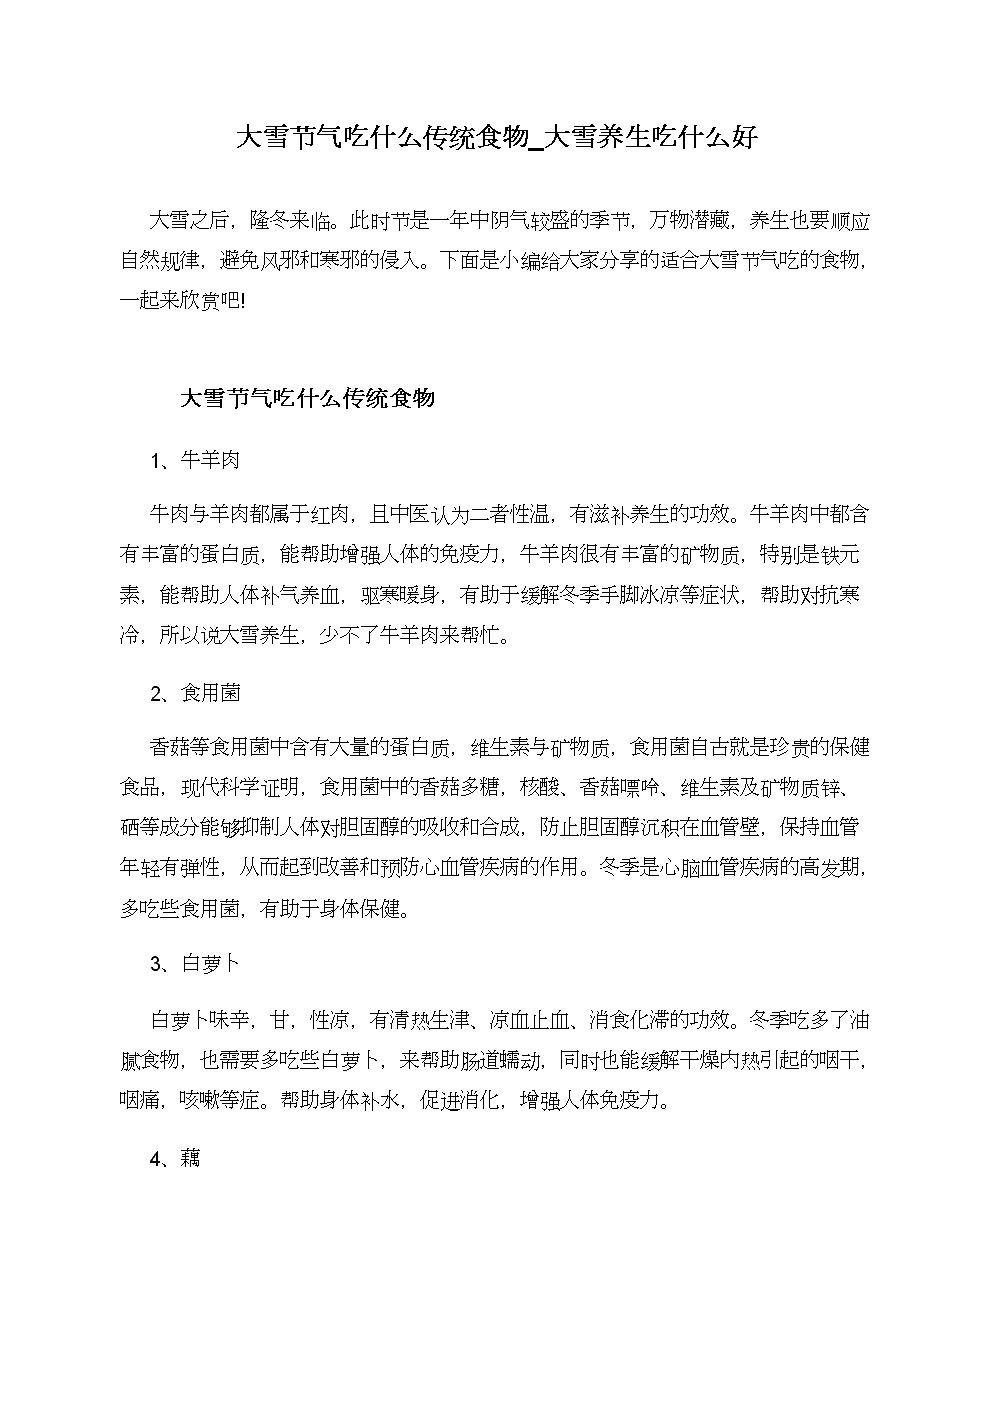 大雪节气吃什么传统食物_大雪养生吃什么好.doc